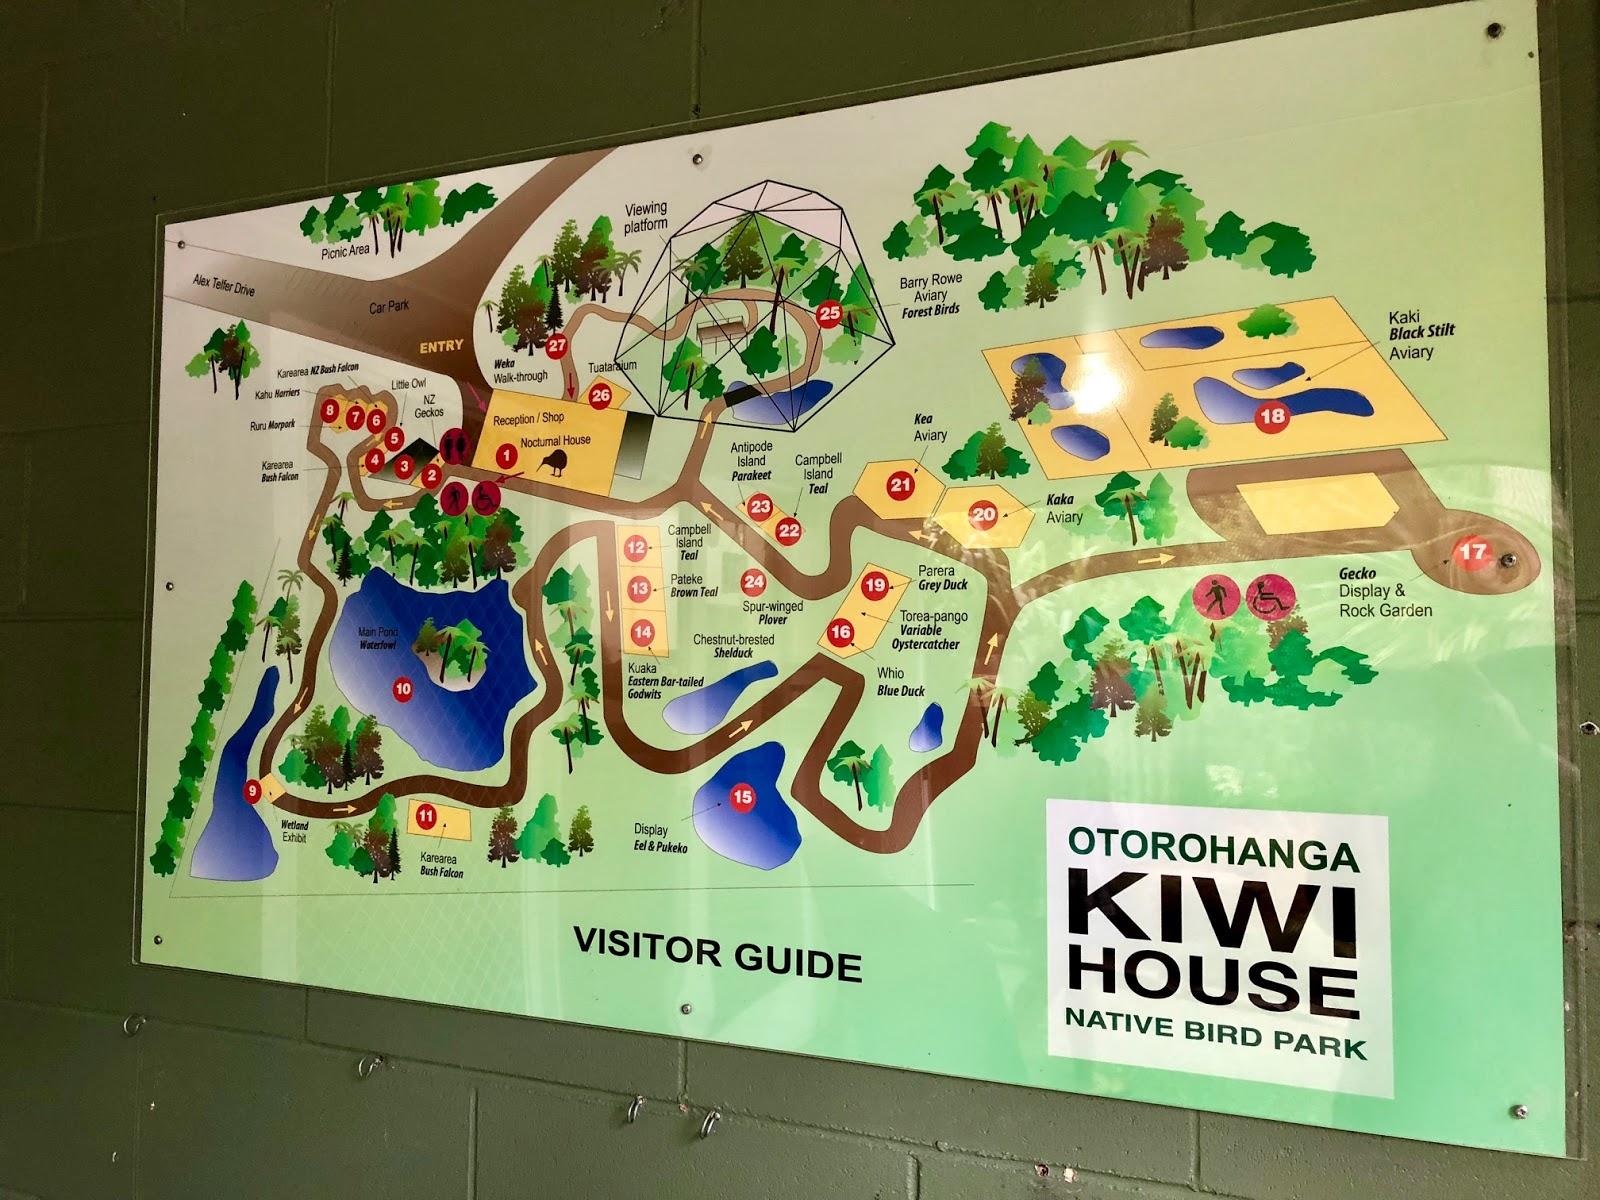 Kiwi House New Zealand Best Place To See Kiwis